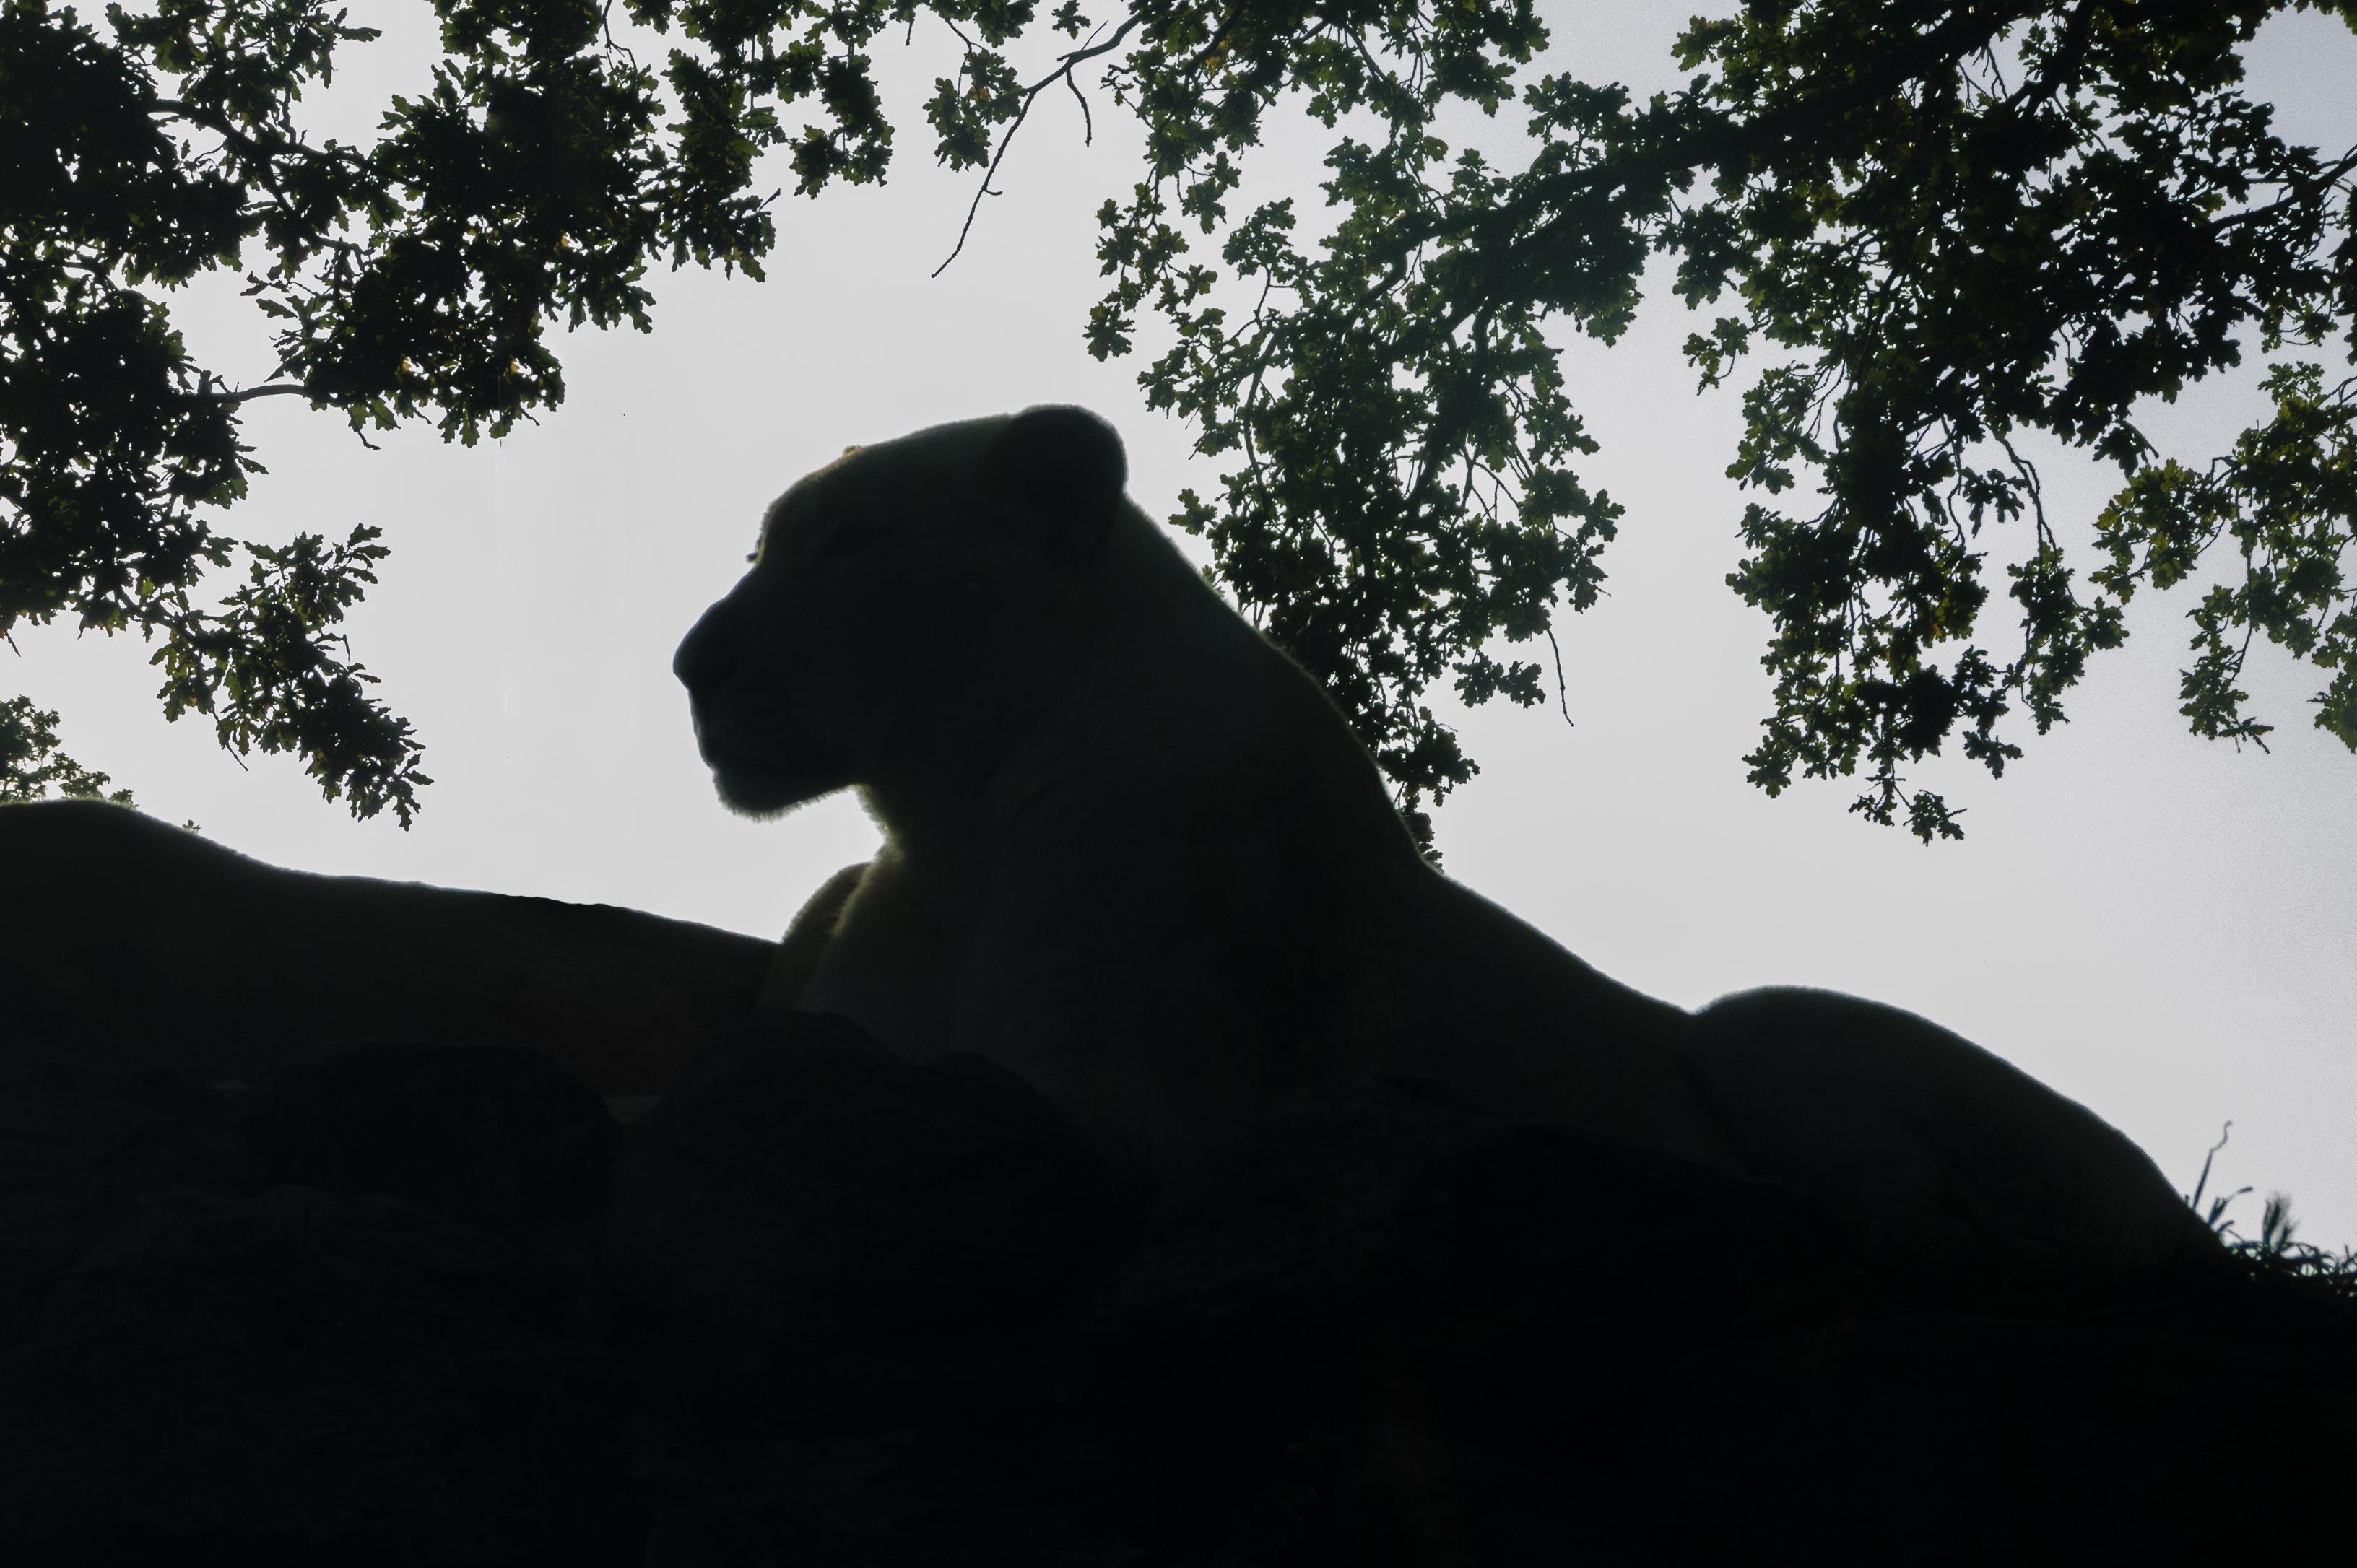 Lion_P1080627